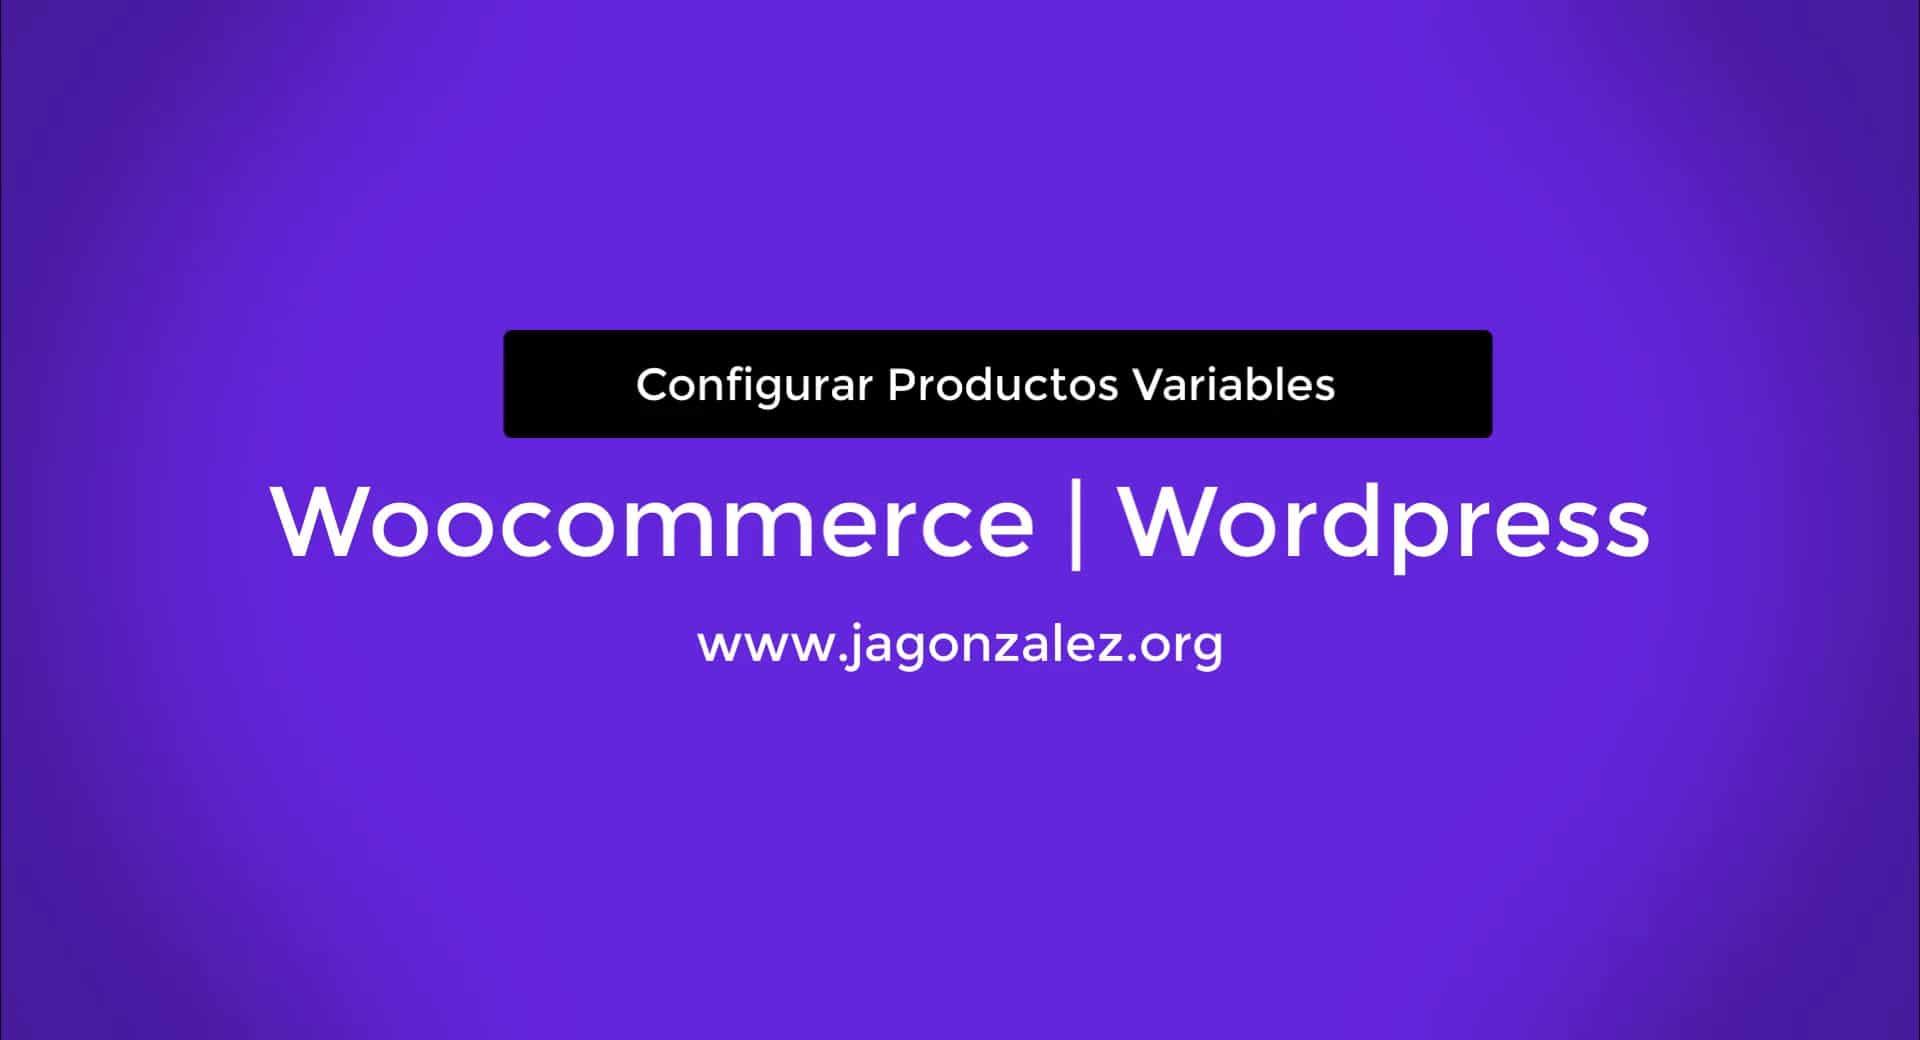 CONFIGURAR-PRODUCTOS-VARIABLES-WOOCOMMERCE-WORDPRESS